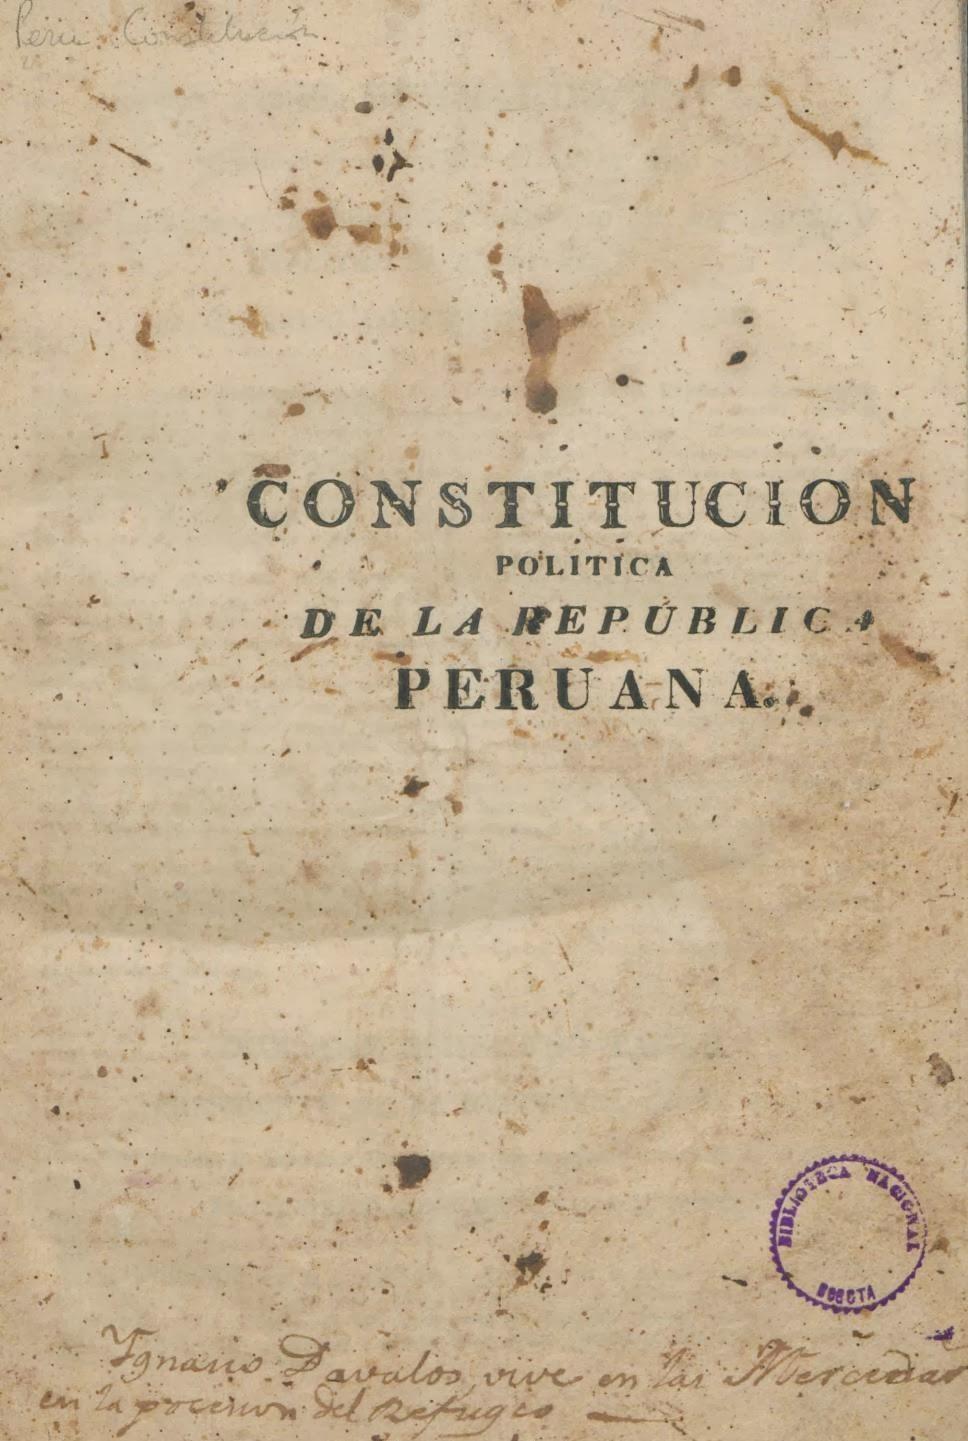 Constitución Política de la República Peruana 1823